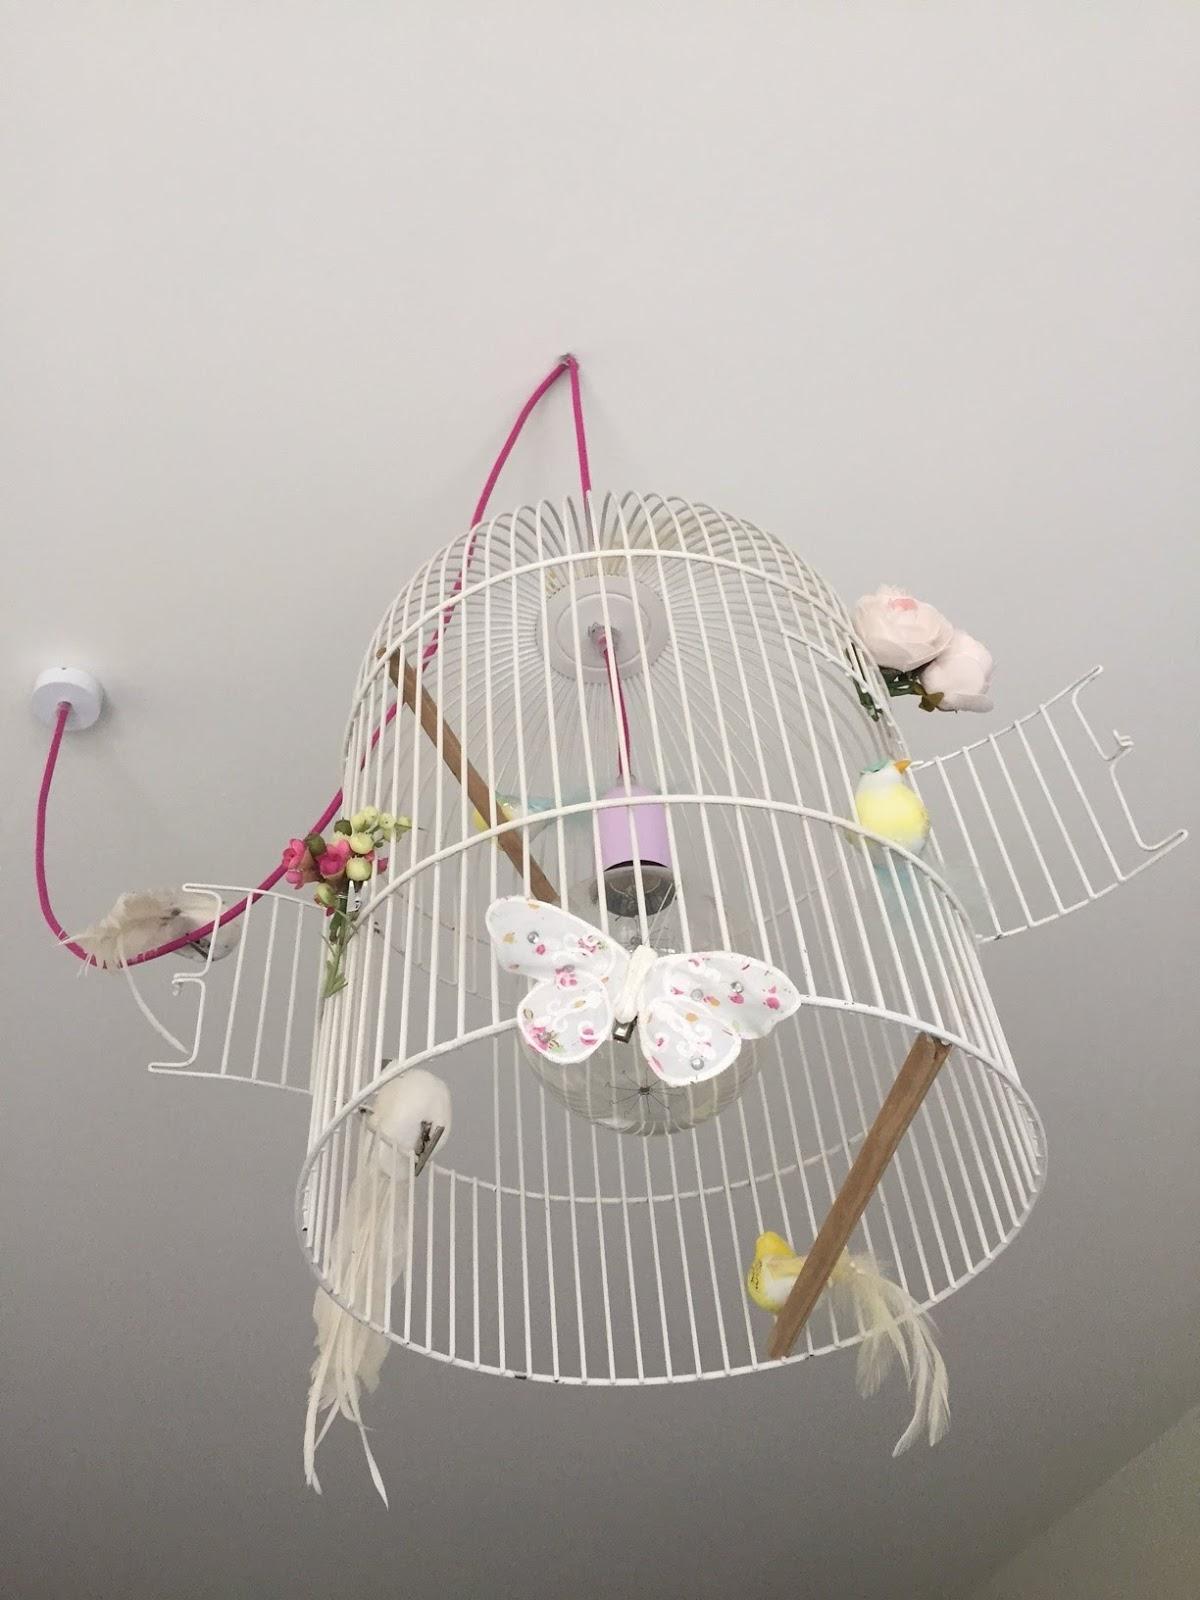 diy: maak van een vogelkooi een originele lamp